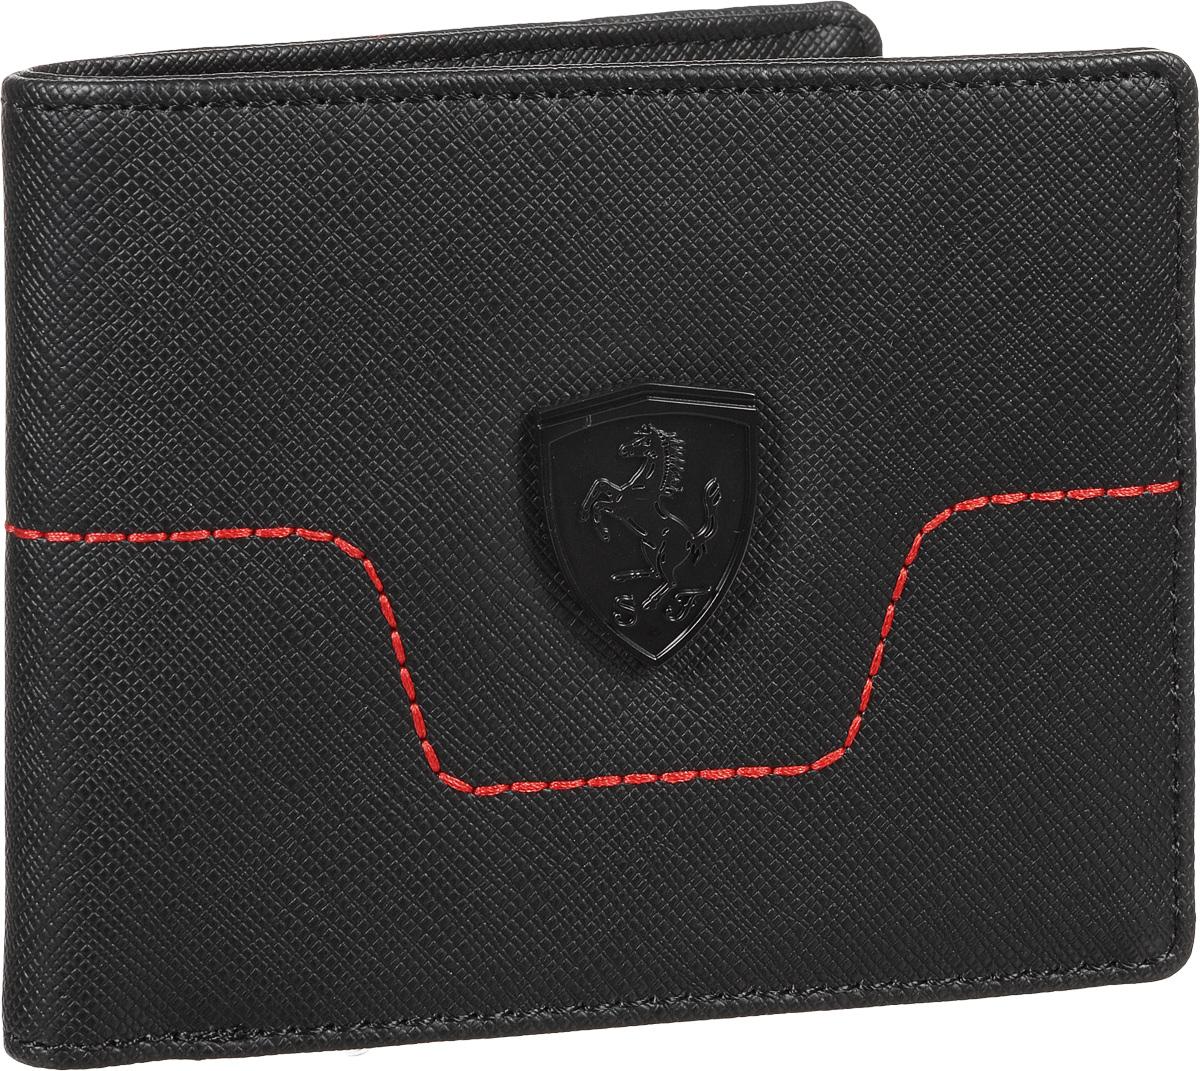 Бумажник Puma Ferrari LS Wallet M, цвет: черный. 0742090107420901Сумочка от Puma линии Ferrari имеет несколько отделений для банкнот и кредитных карт, функциональную подкладку из полиэстера с изнанкой из полиуретана, стеганную переднюю панель спереди с контрастной строчкой и разделители внутренних отделений из плотной ткани. Кроме того, сумочка декорирована спереди эмблемой гоночной команды Ferrari, выполненным из черненого матового металла, а также гравировкой с надписью Ferrari сзади и тисненым логотипом Puma внутри.